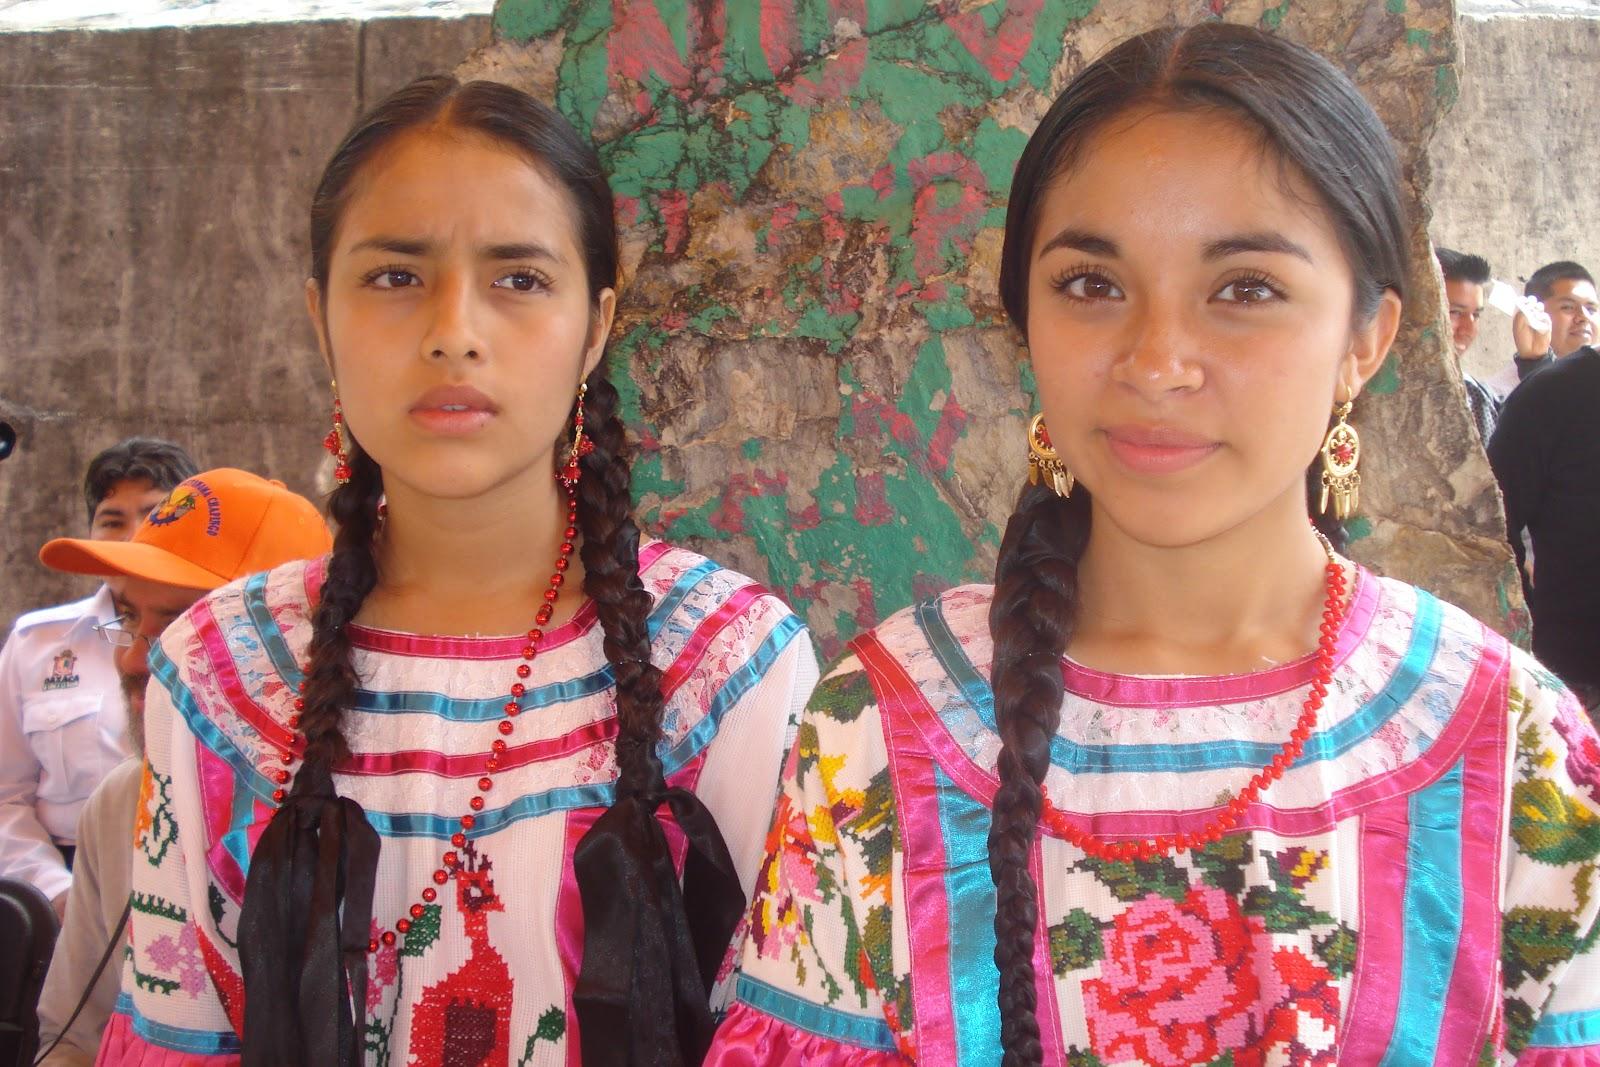 Confusiones de los que nos quieren distinguir entre indios y mexicanos. - Página 2 CELEBRAN+A+LA+MUJER+EN+SU+DIA